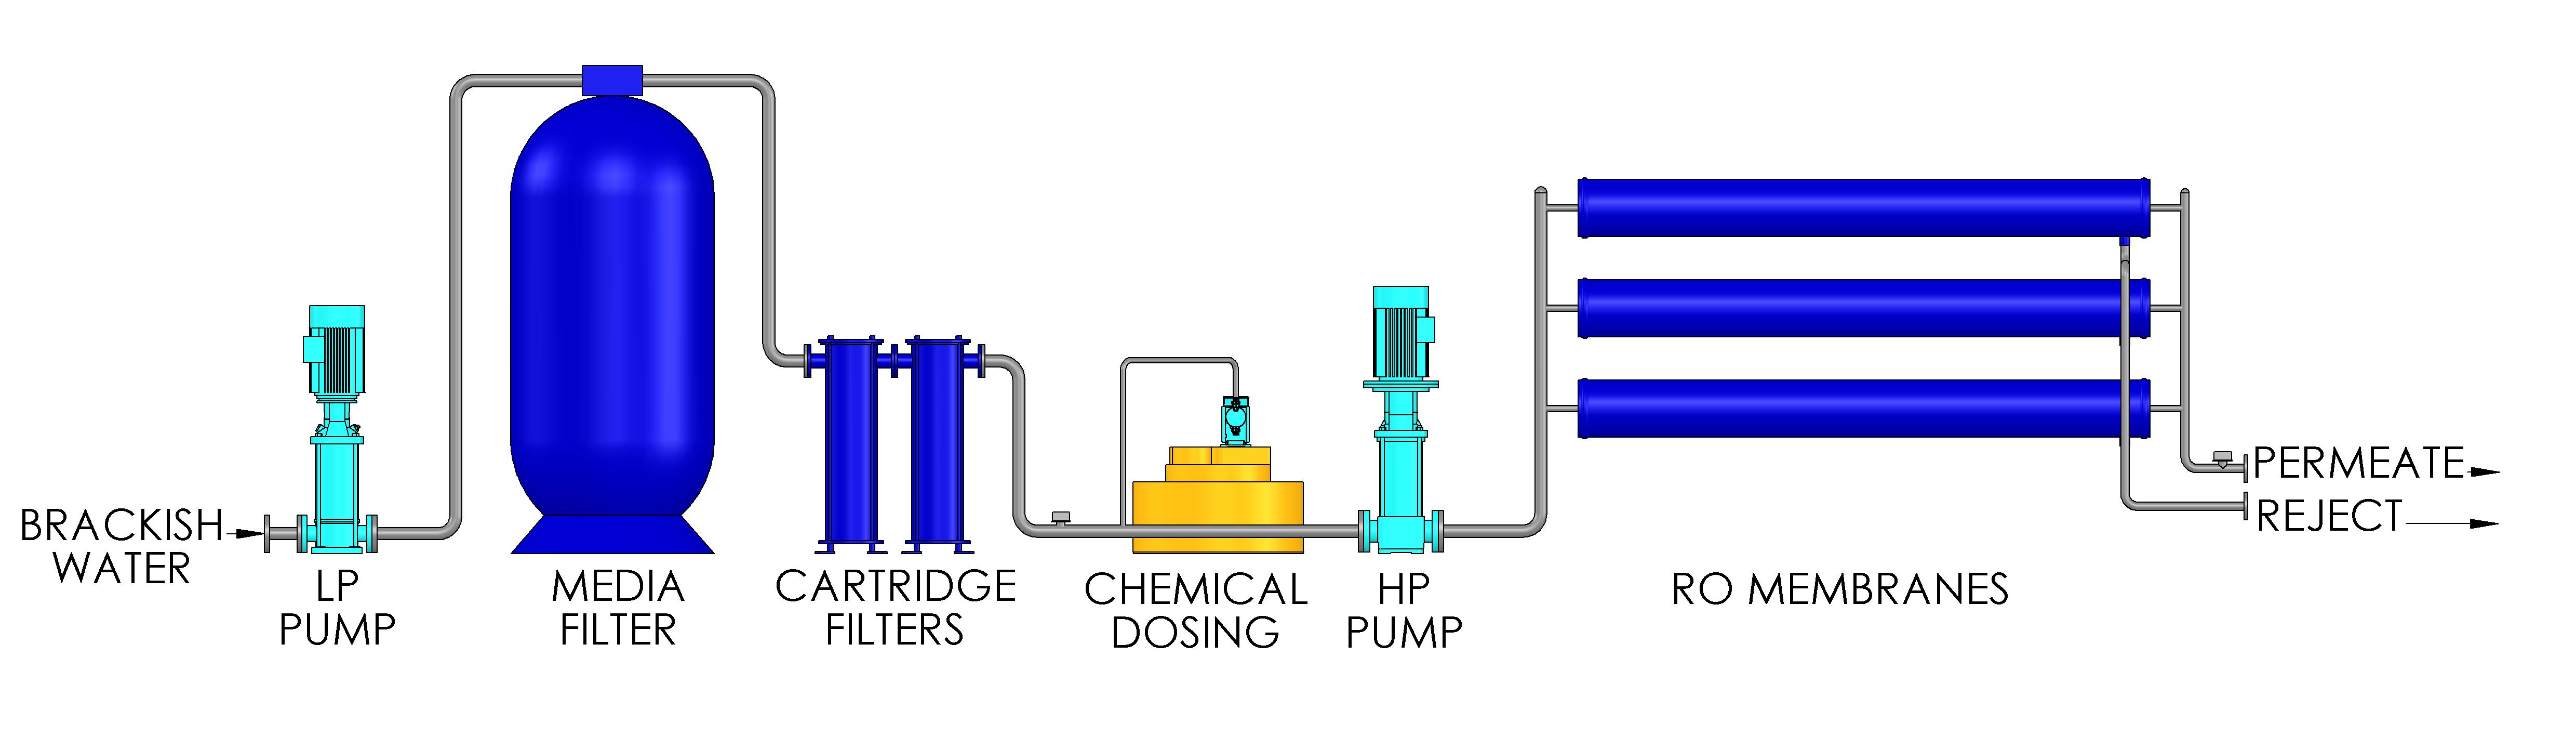 Brackish Water Reverse Osmosis Mak Water